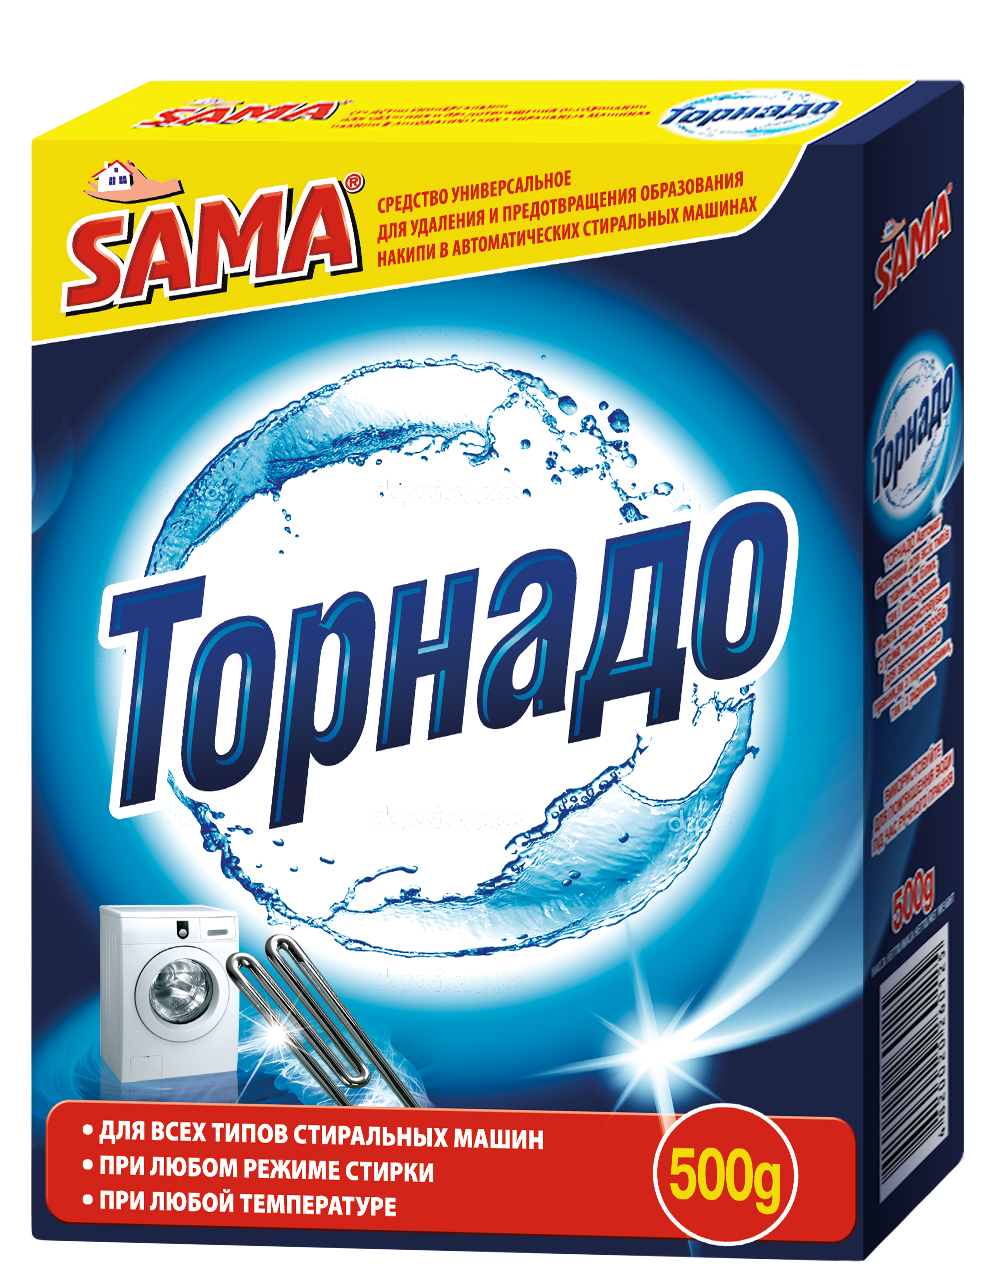 Средство для стиральных машин Торнадо 500 гр